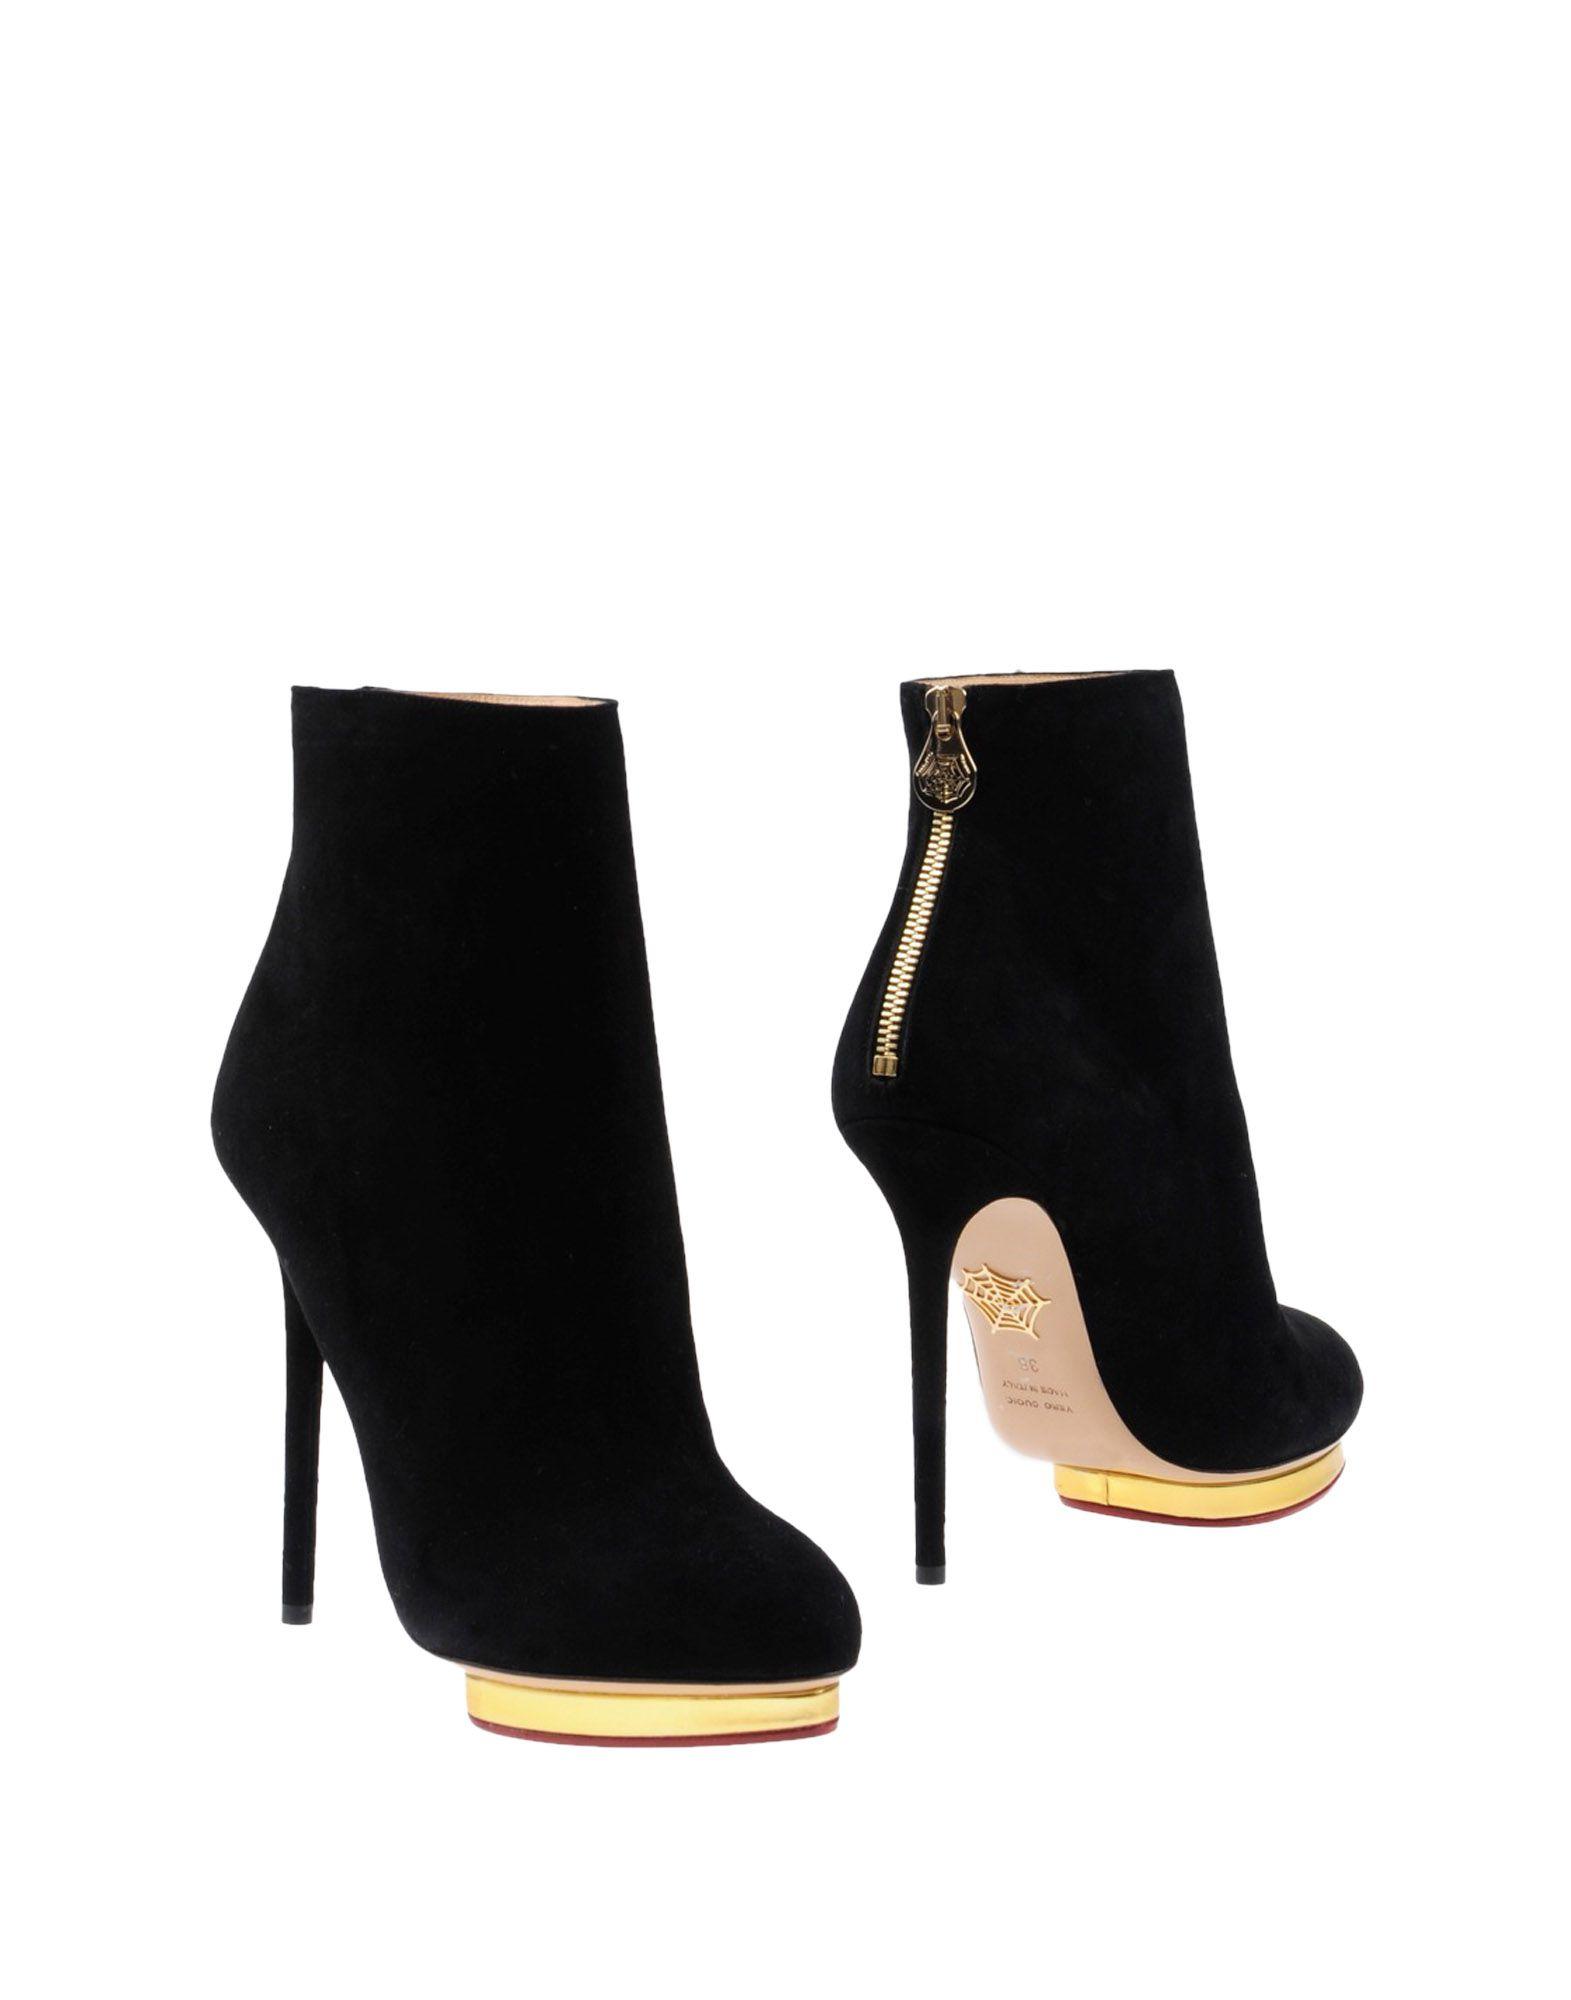 Charlotte Olympia Stiefelette Damen  11434201DAGünstige gut aussehende Schuhe